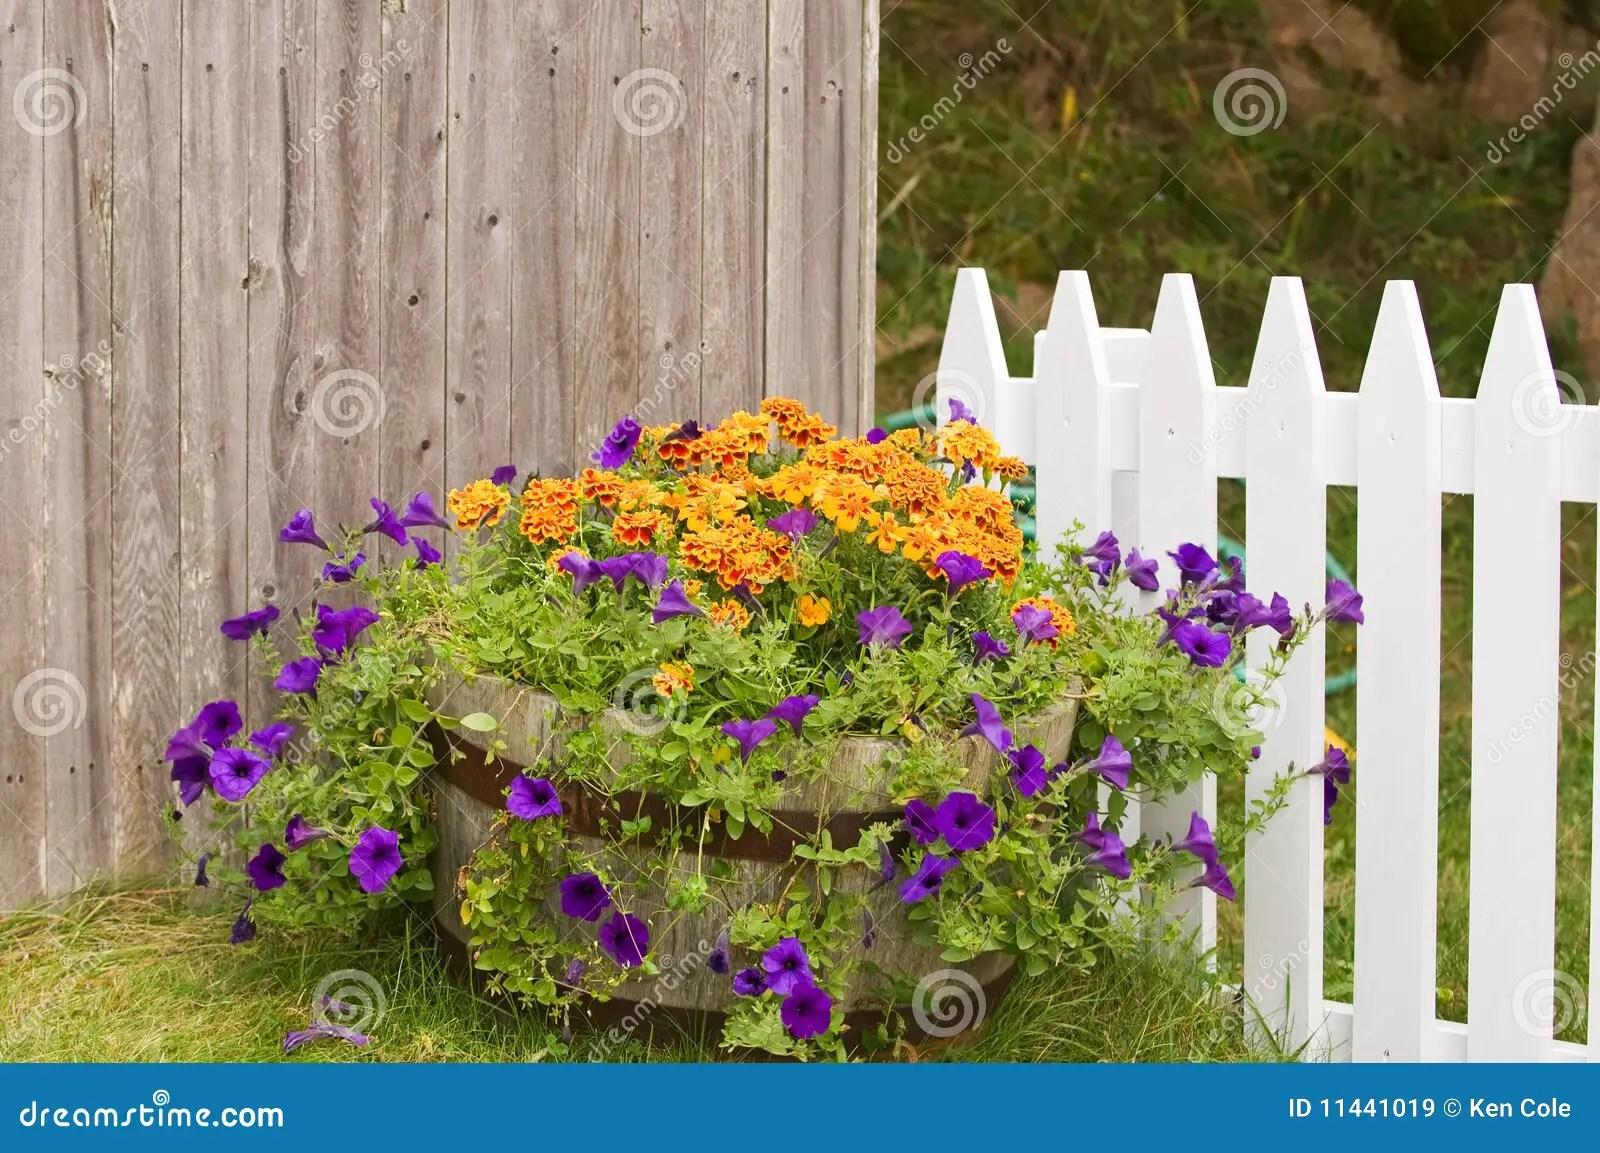 Flowers Pot Near Fences Stock Image Image Of Fence